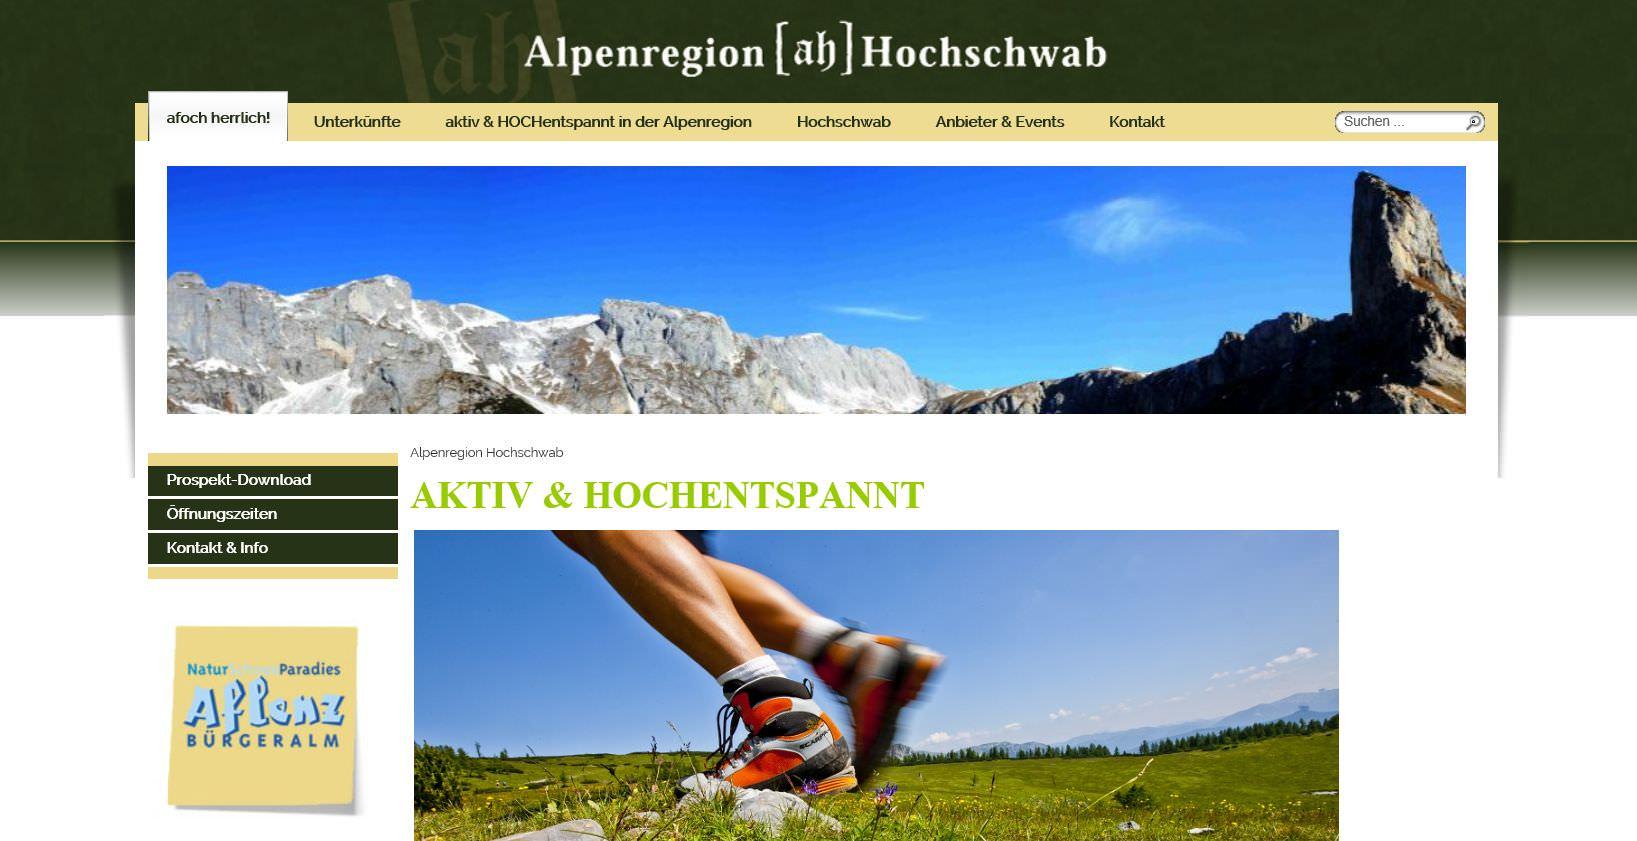 Neupositionierung, neues Wording: Website TV Hochschwab   [ah, afoch herrlich, aktiv & hochentspannt]